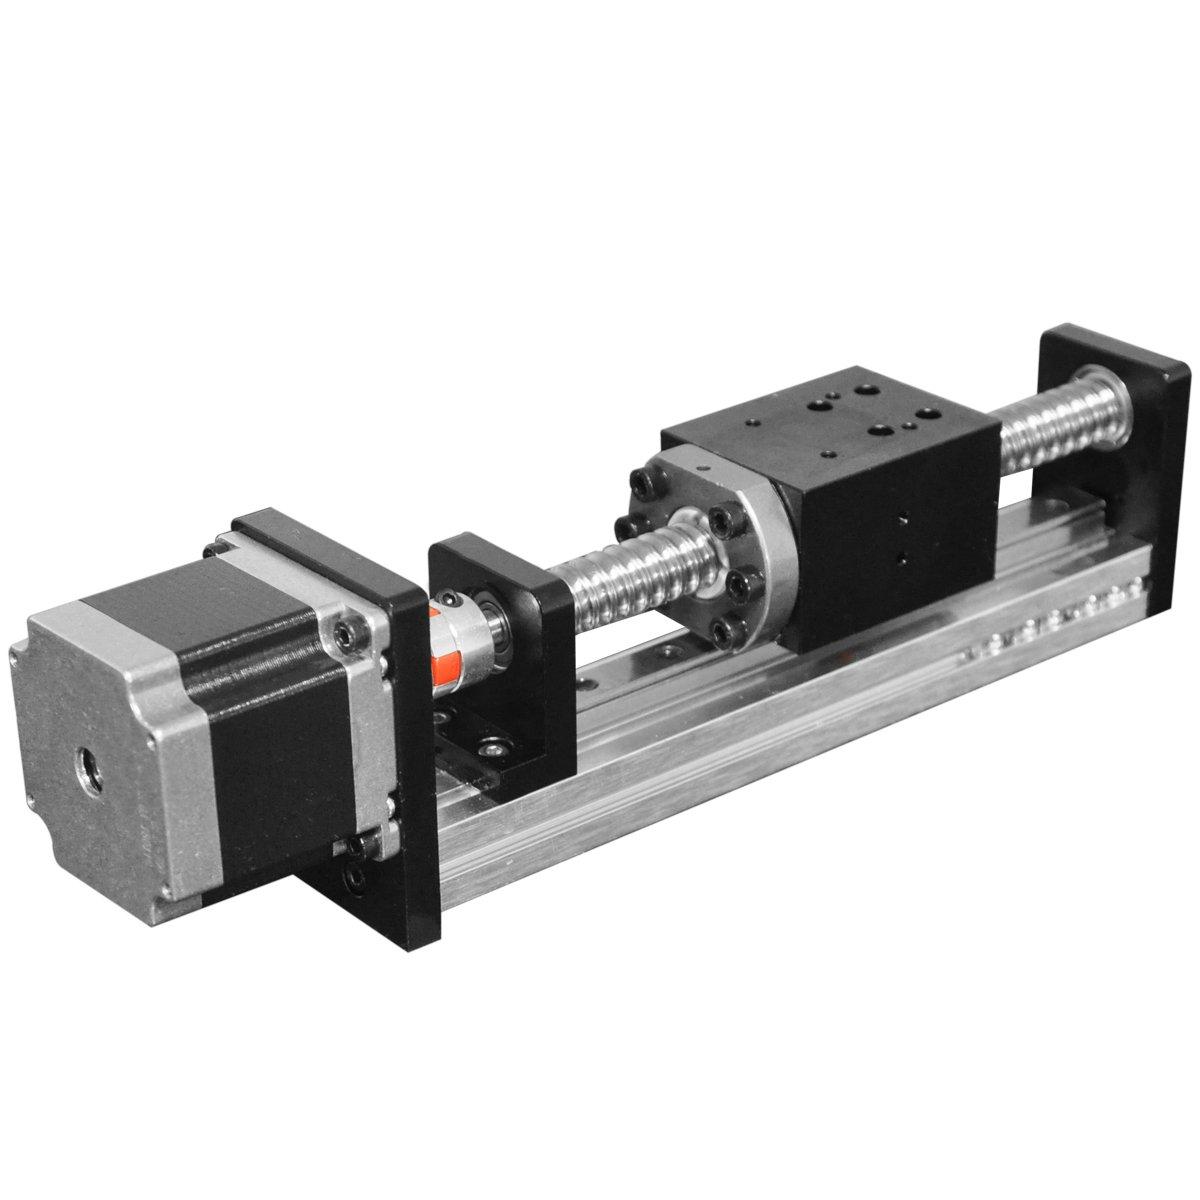 FUYU FLS40 Linear Guide Slide Table Ball Screw Motion Rail CNC